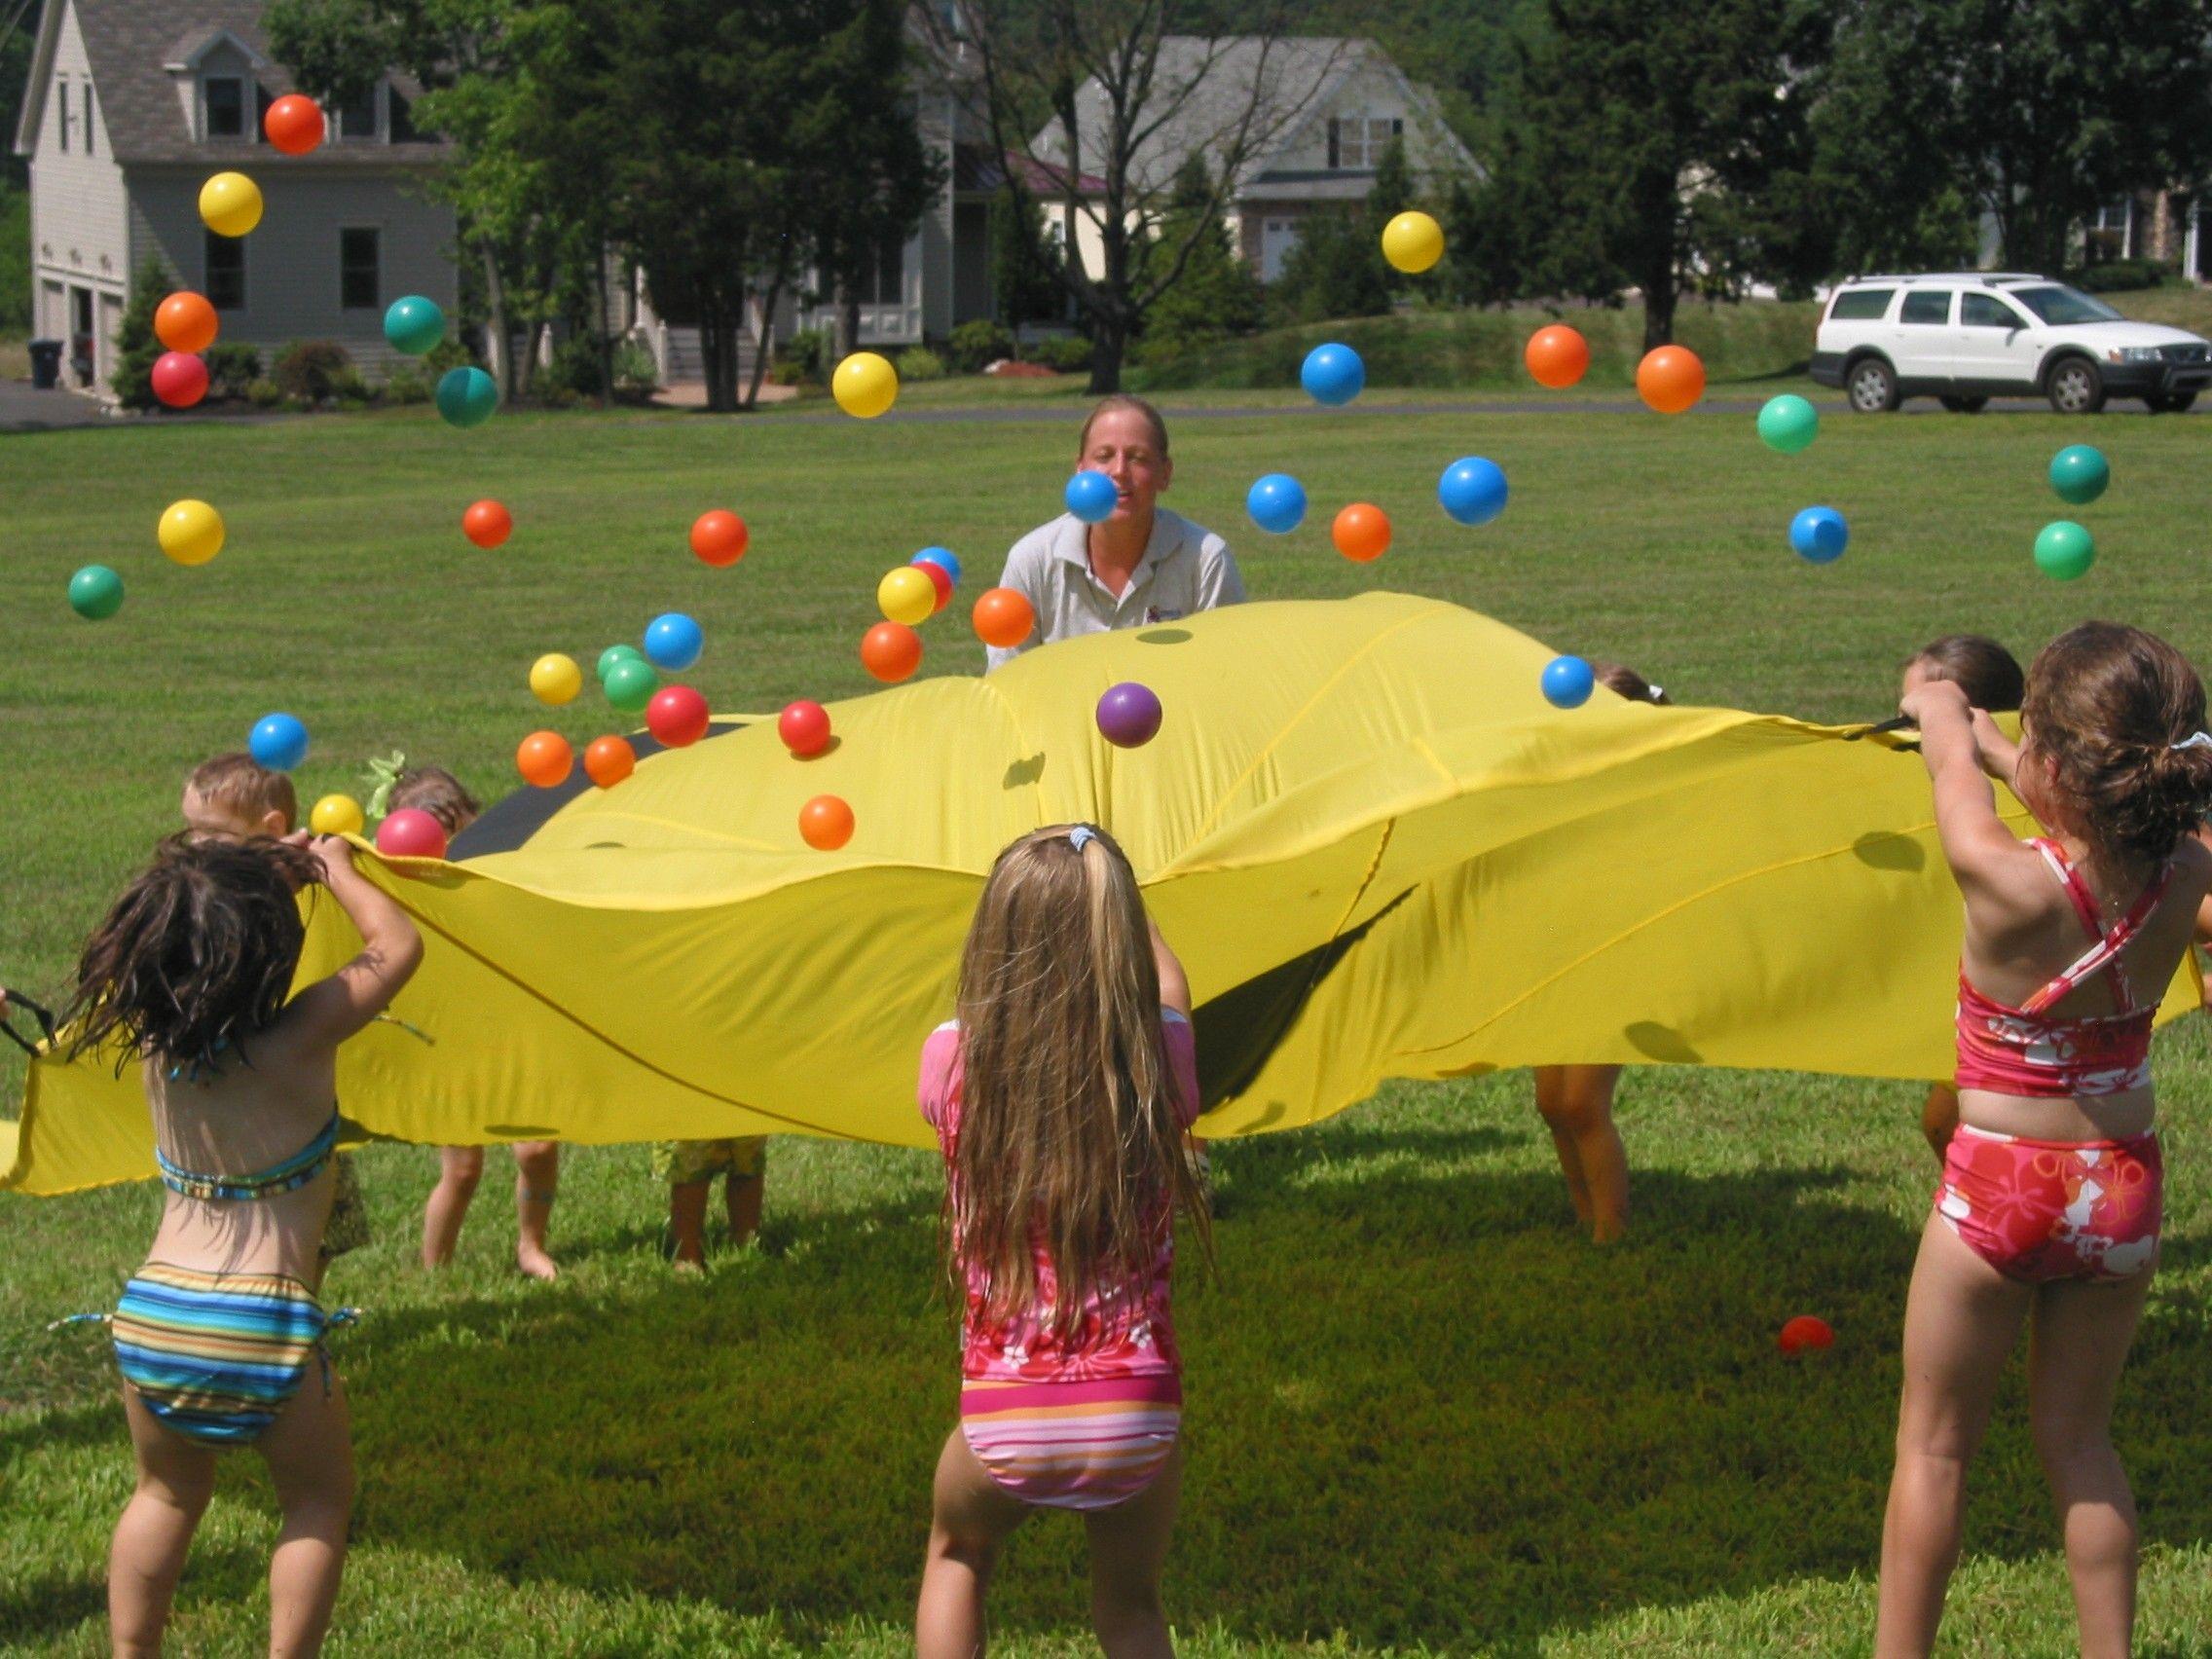 Classic Parachute Game Social Skills Bilateral Coordination Visual Tracking Skills